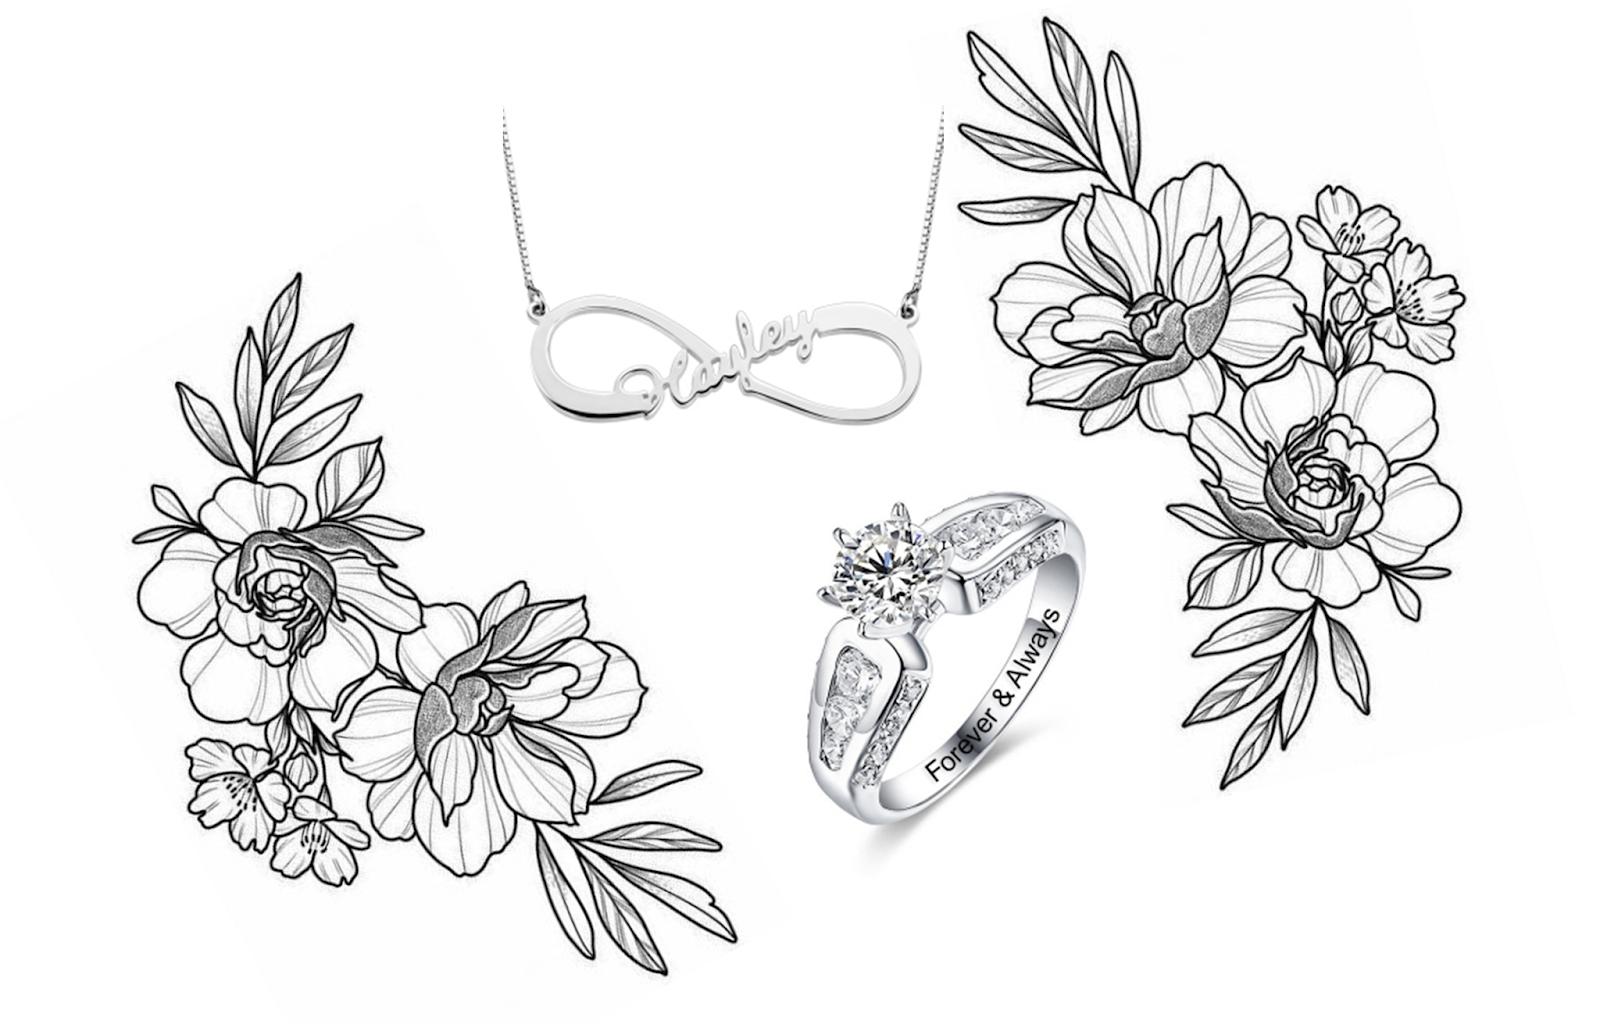 Personalizowana biżuteria - pamiątka pełna wspomnień